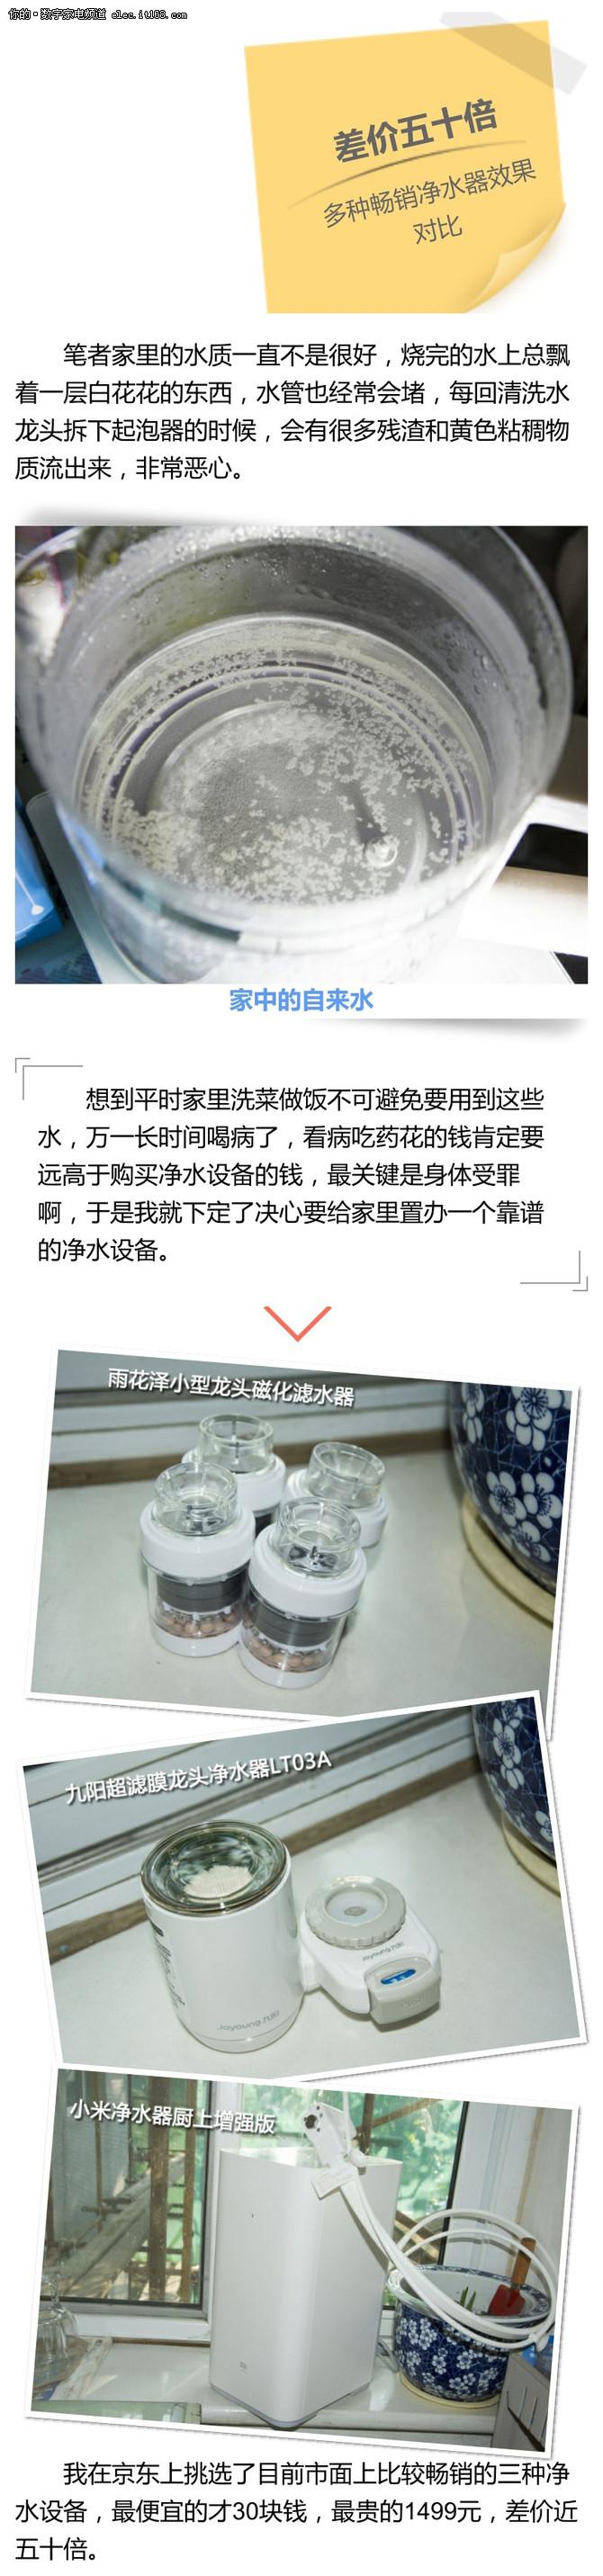 差价五十倍 多种畅销净水器效果对比